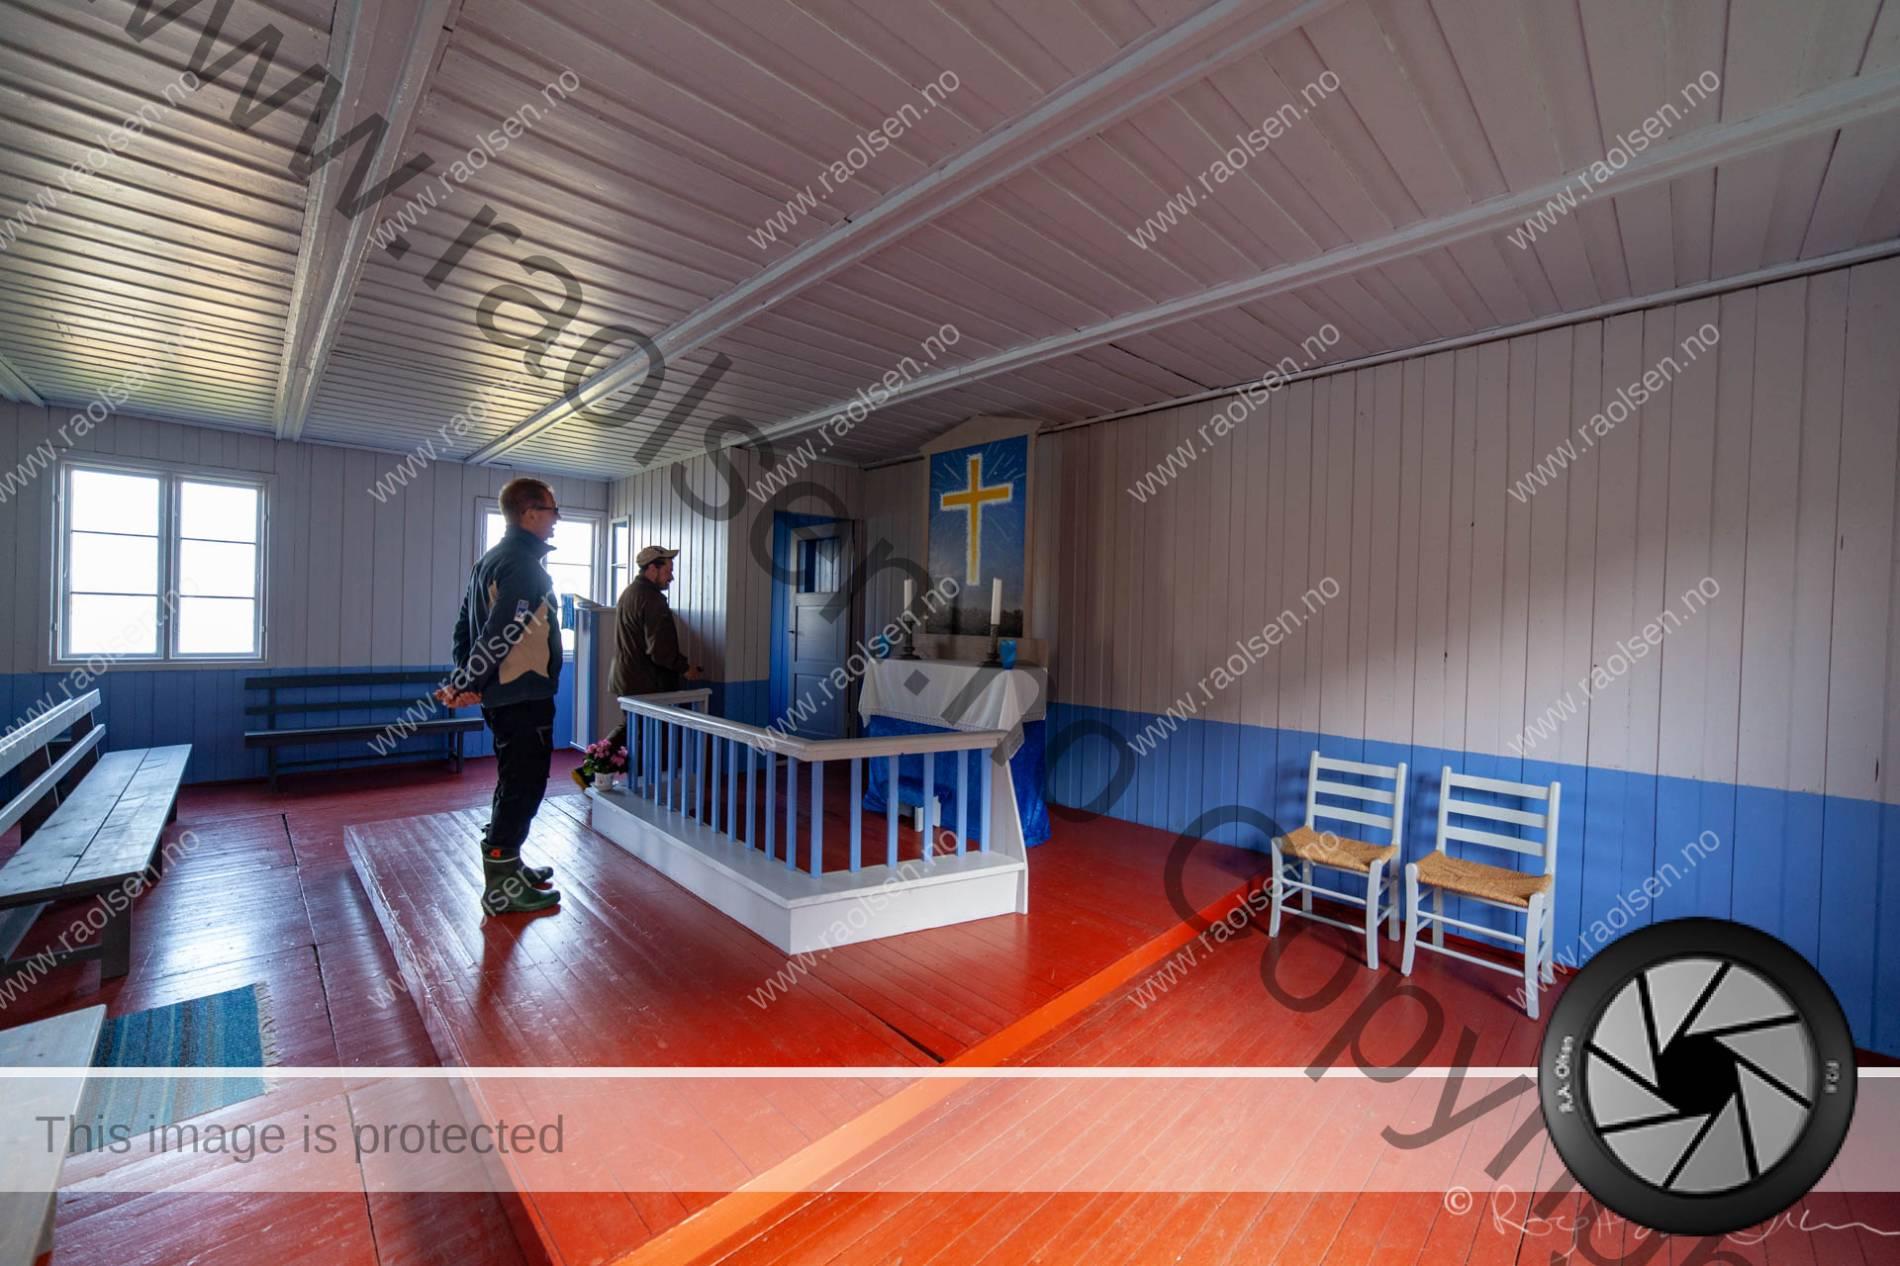 Omvisning i kapellet